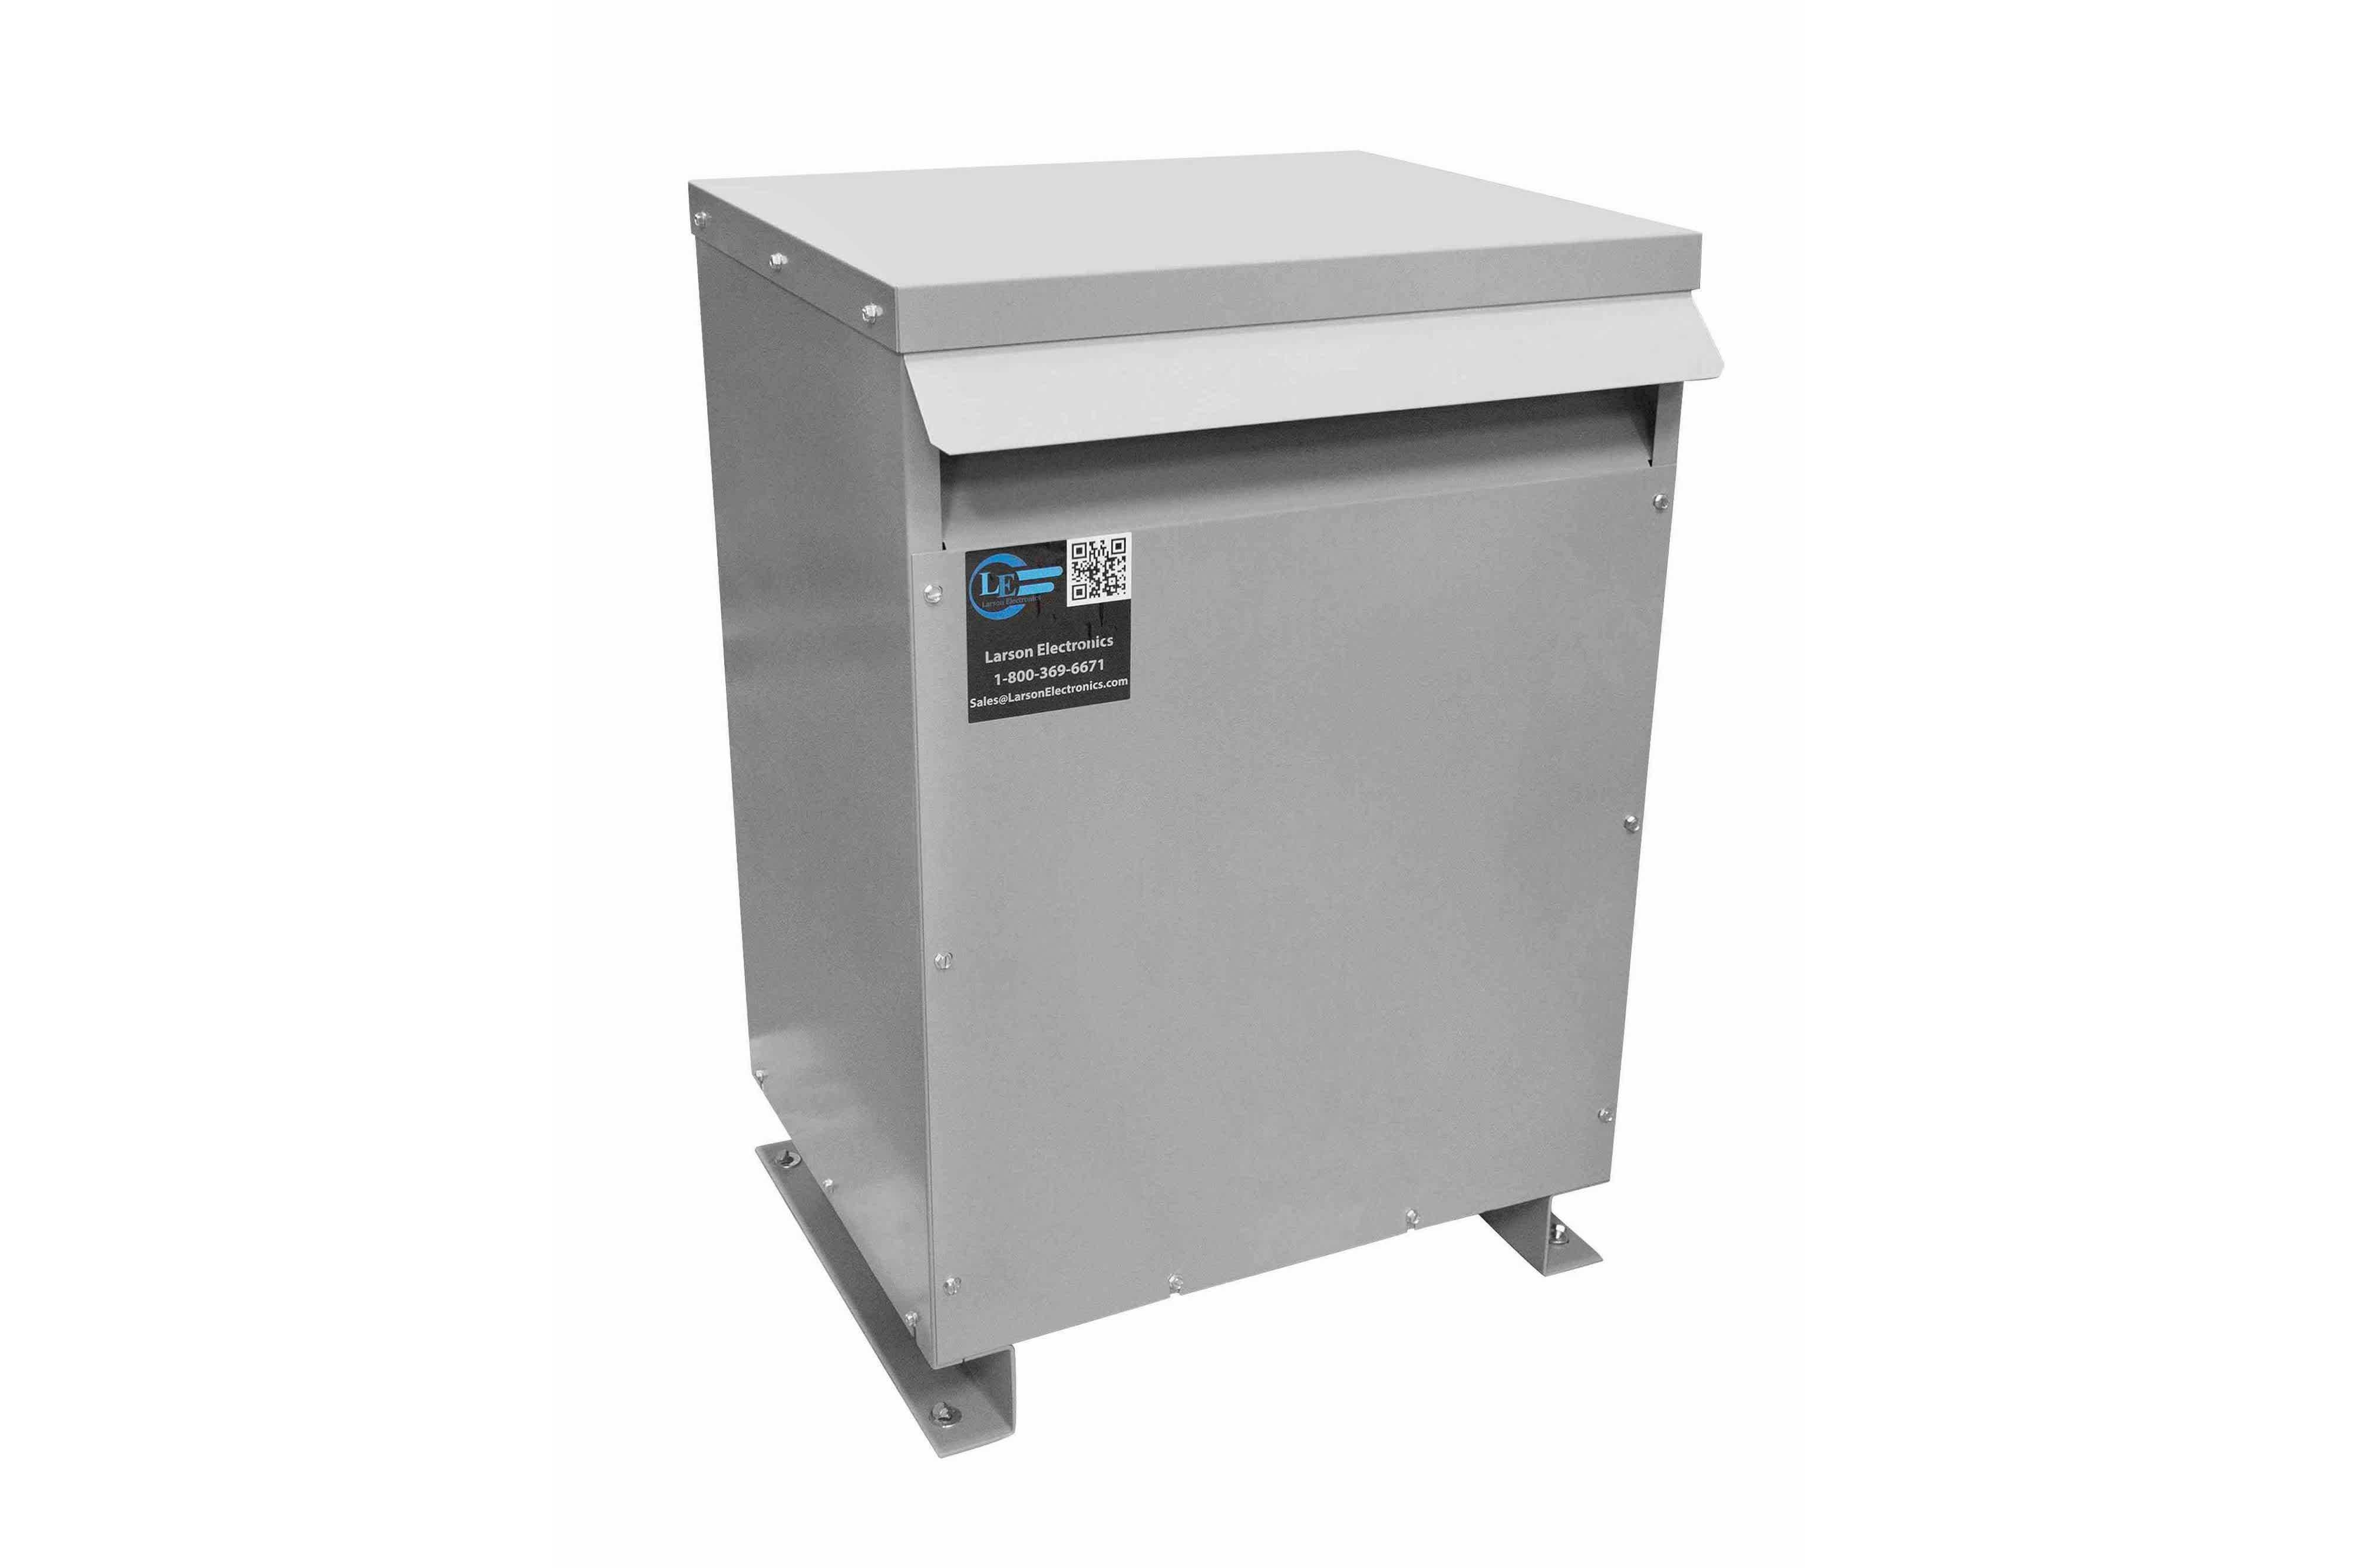 29 kVA 3PH Isolation Transformer, 380V Delta Primary, 240 Delta Secondary, N3R, Ventilated, 60 Hz